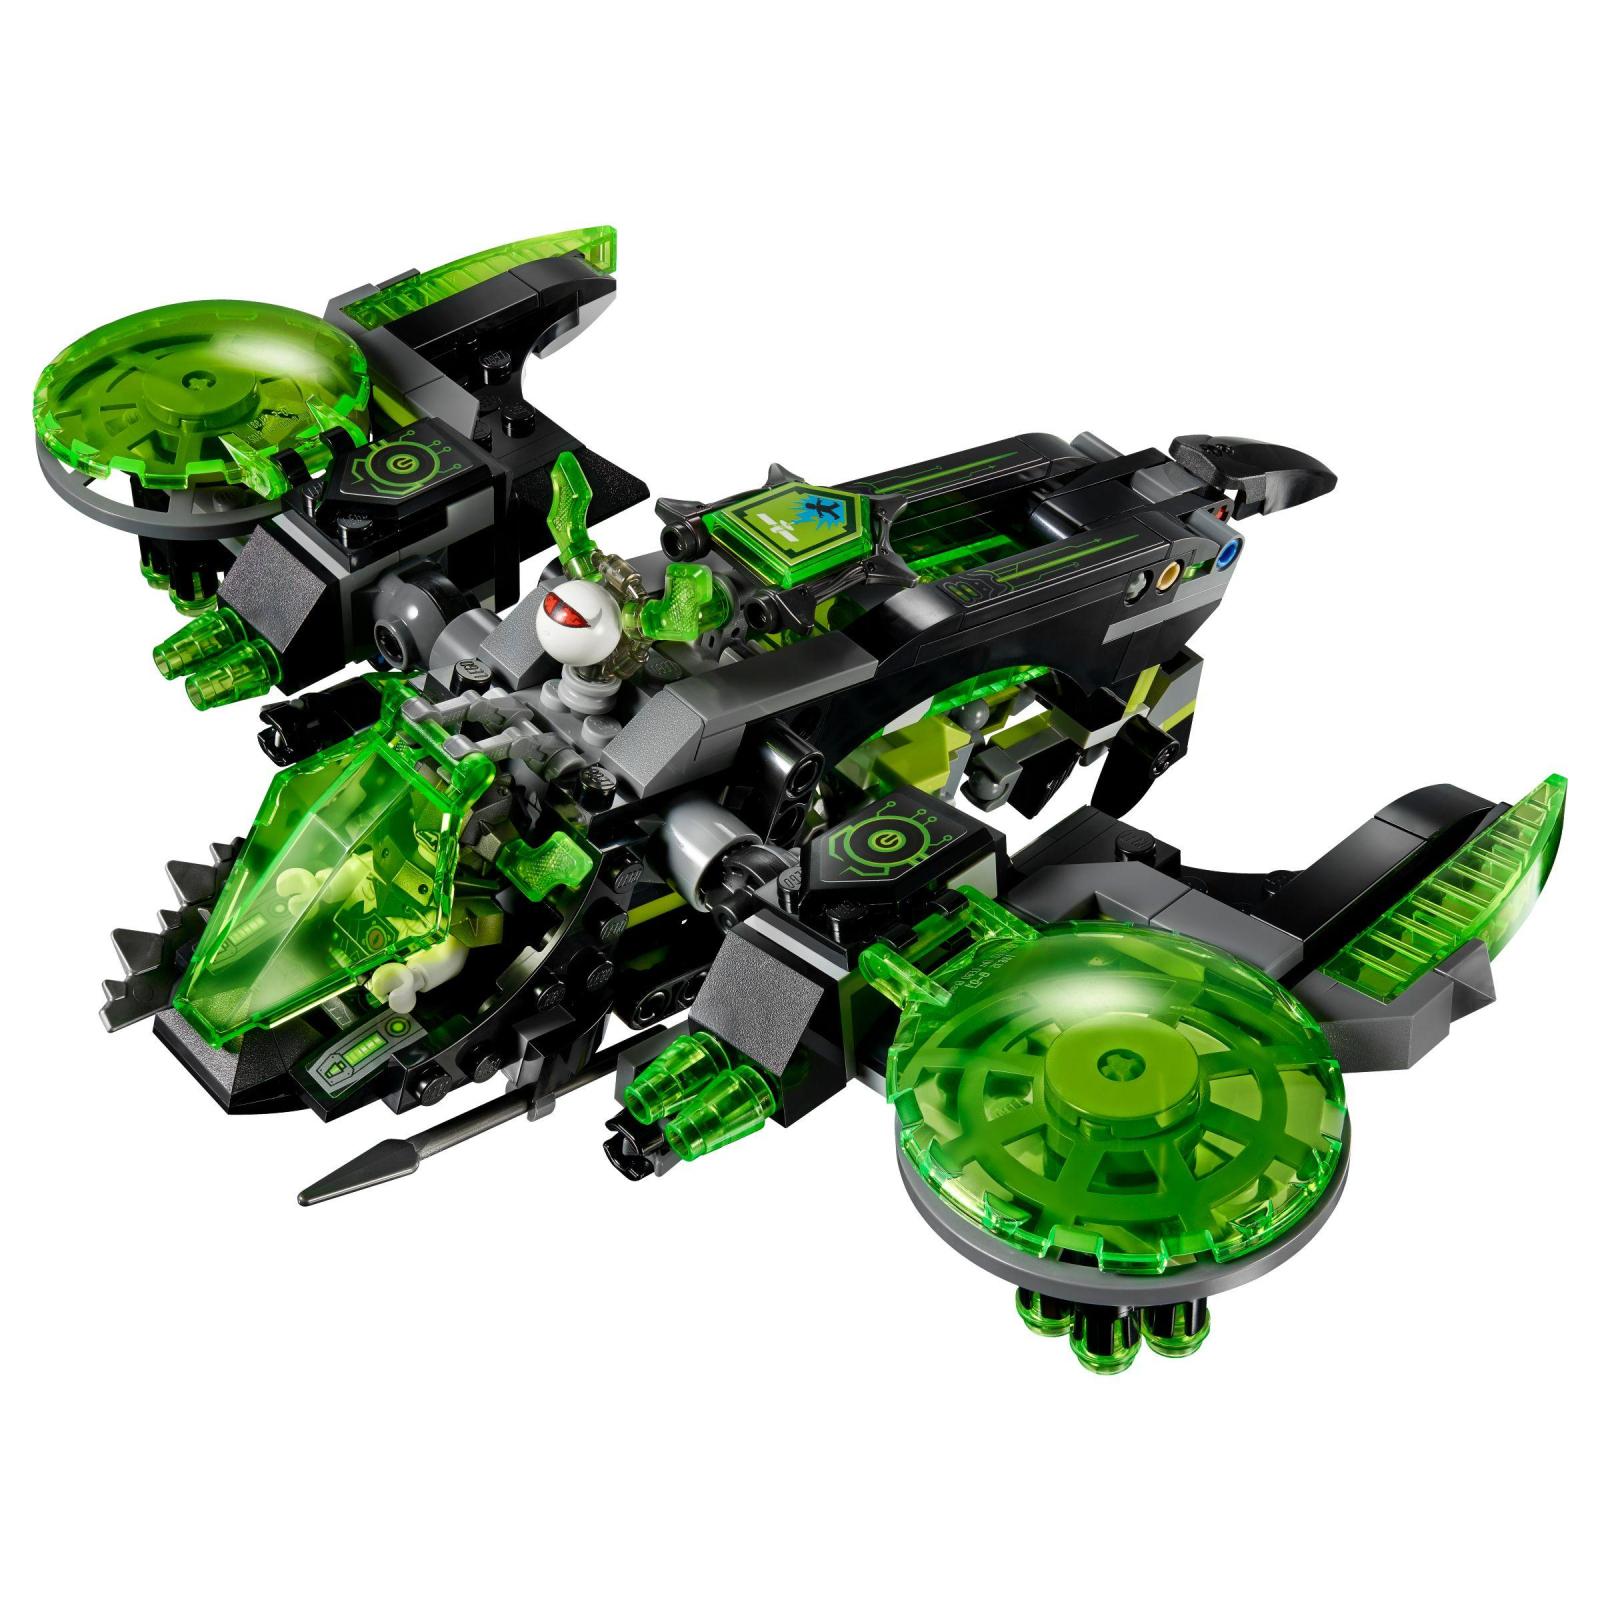 Конструктор LEGO Nexo Knights Бомбардировщик Берсеркер (72003) изображение 3